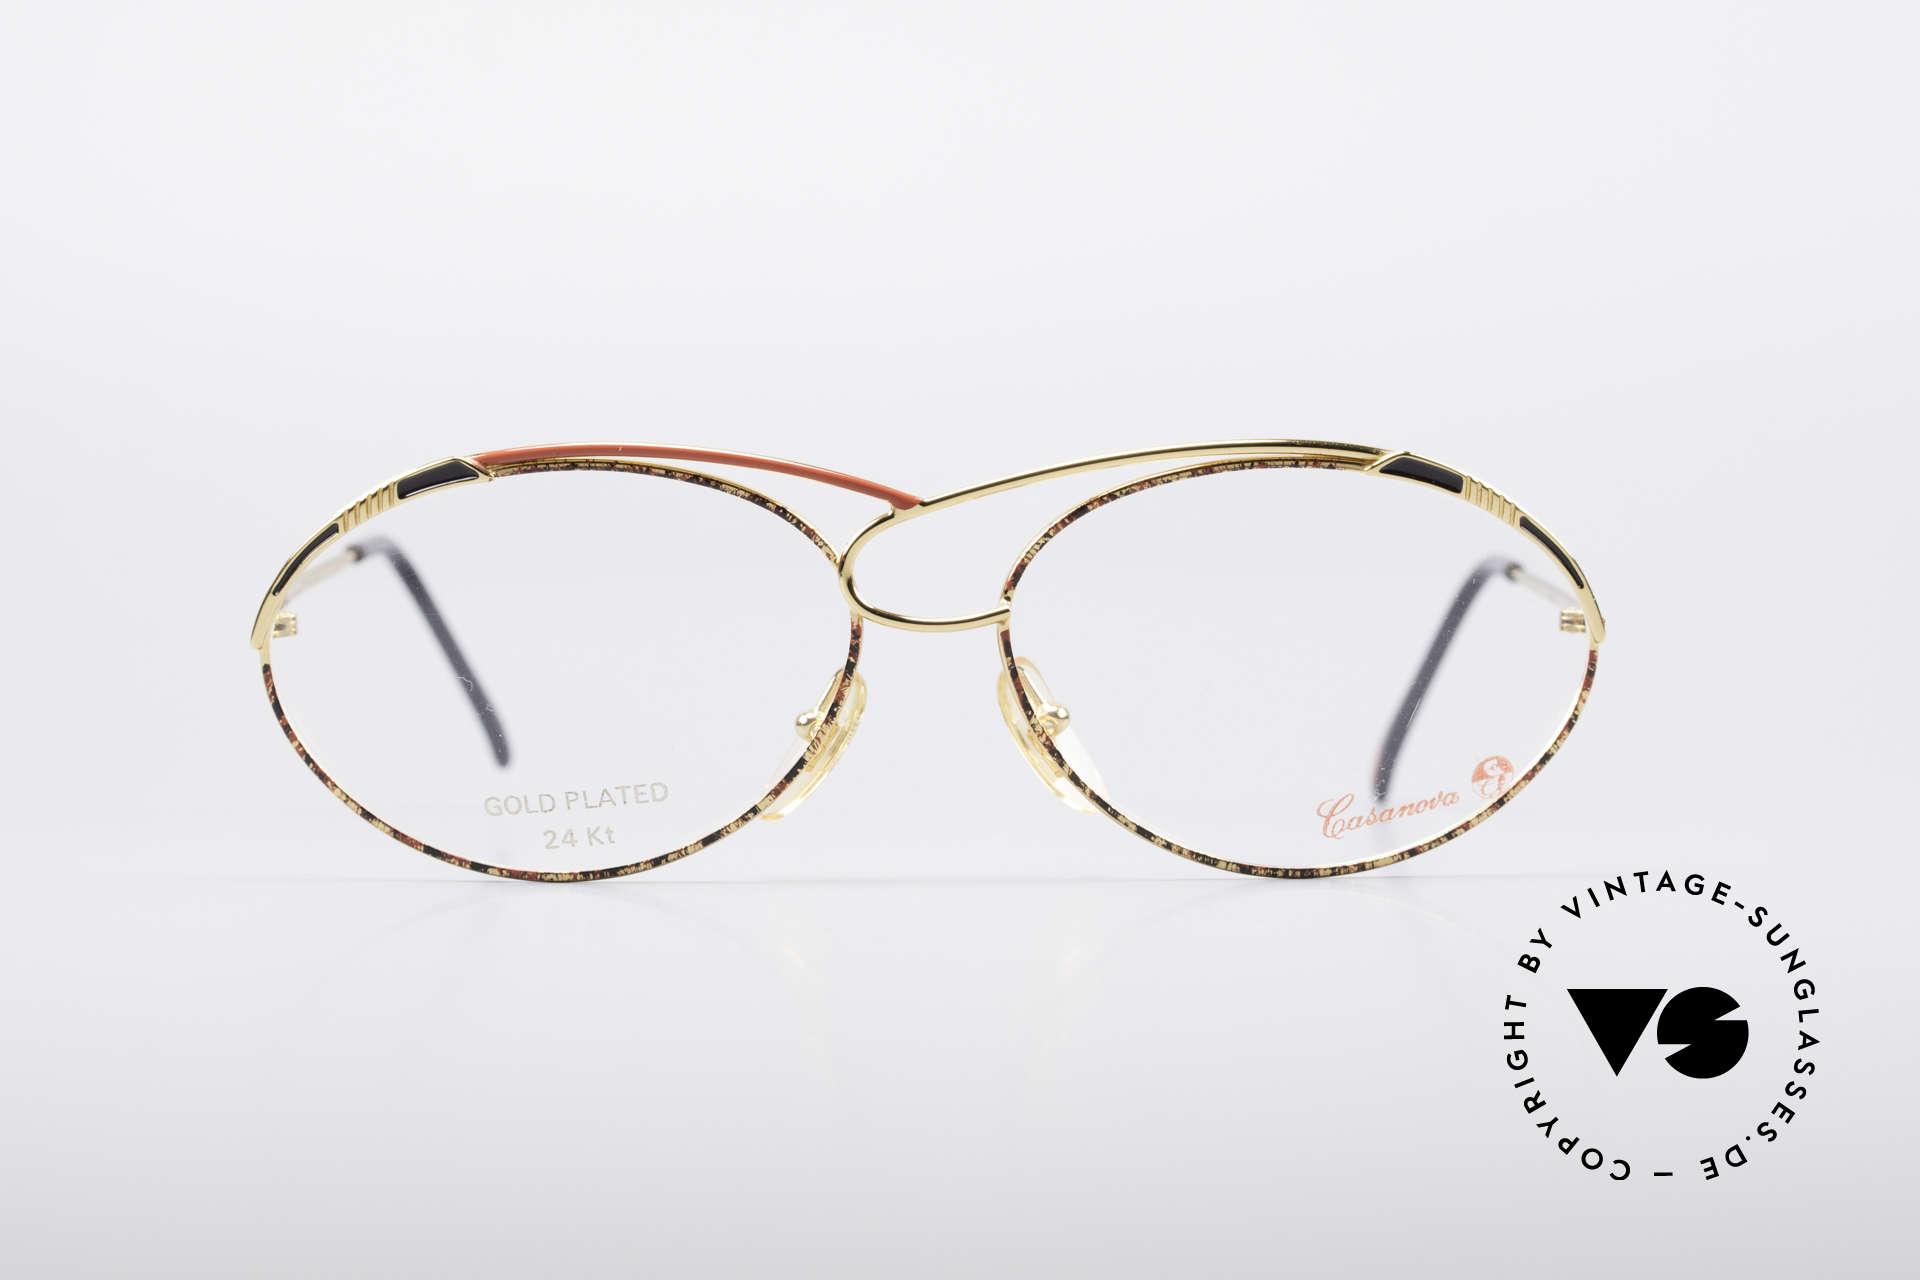 Casanova LC13 24kt Vergoldete Brille, tolles Zusammenspiel v. Farbe, Form & Funktionalität, Passend für Damen